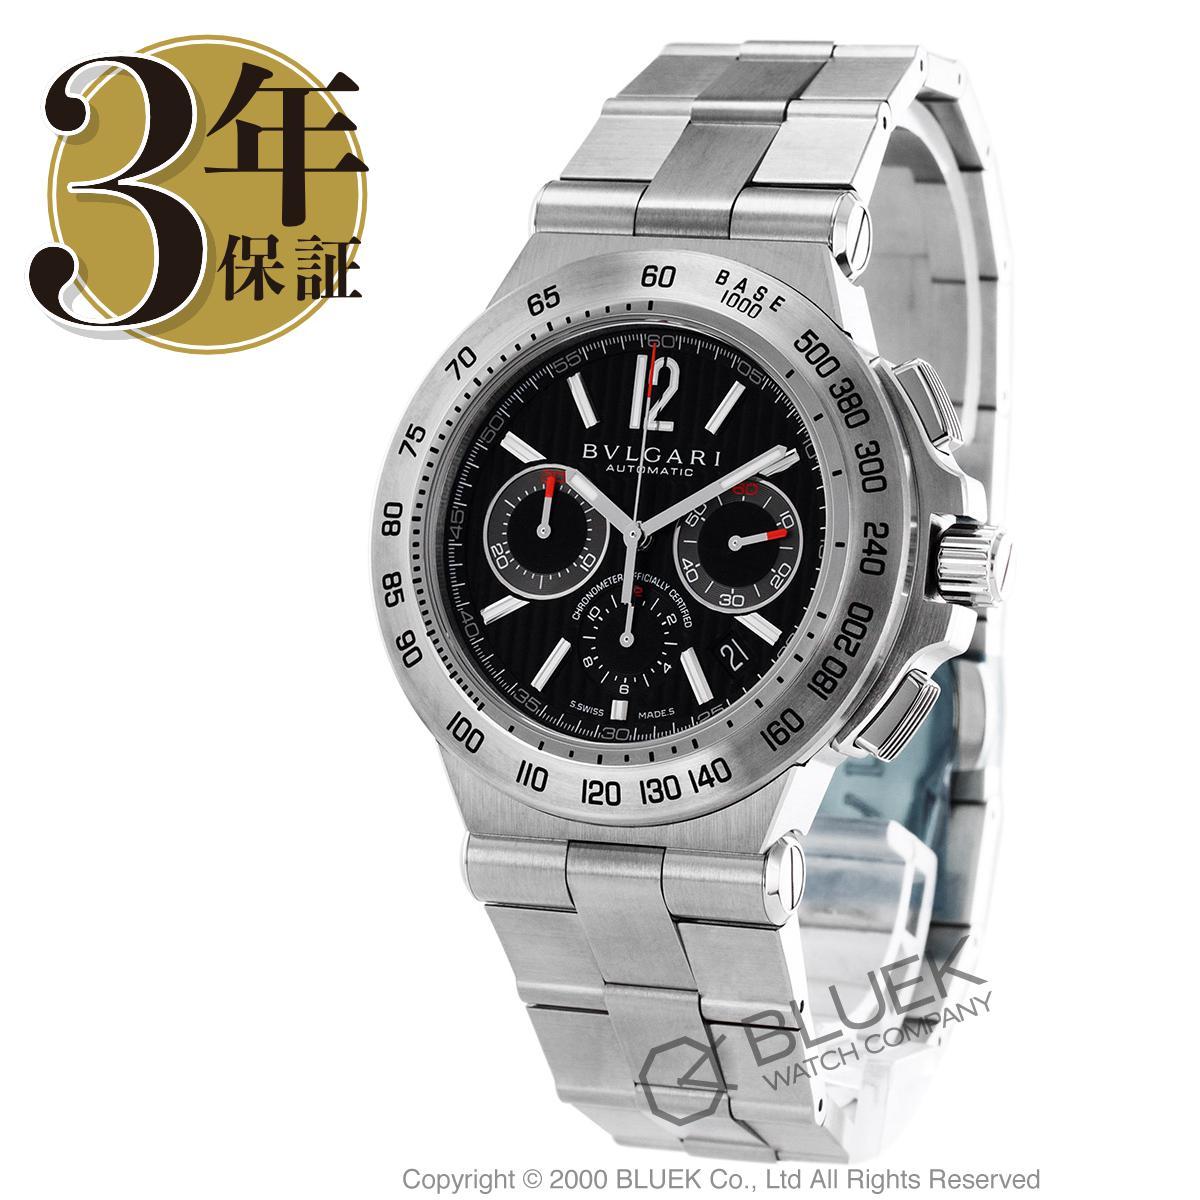 ブルガリ ディアゴノ プロフェッショナル テラ クロノグラフ 腕時計 メンズ BVLGARI DP42BSSDCH_3